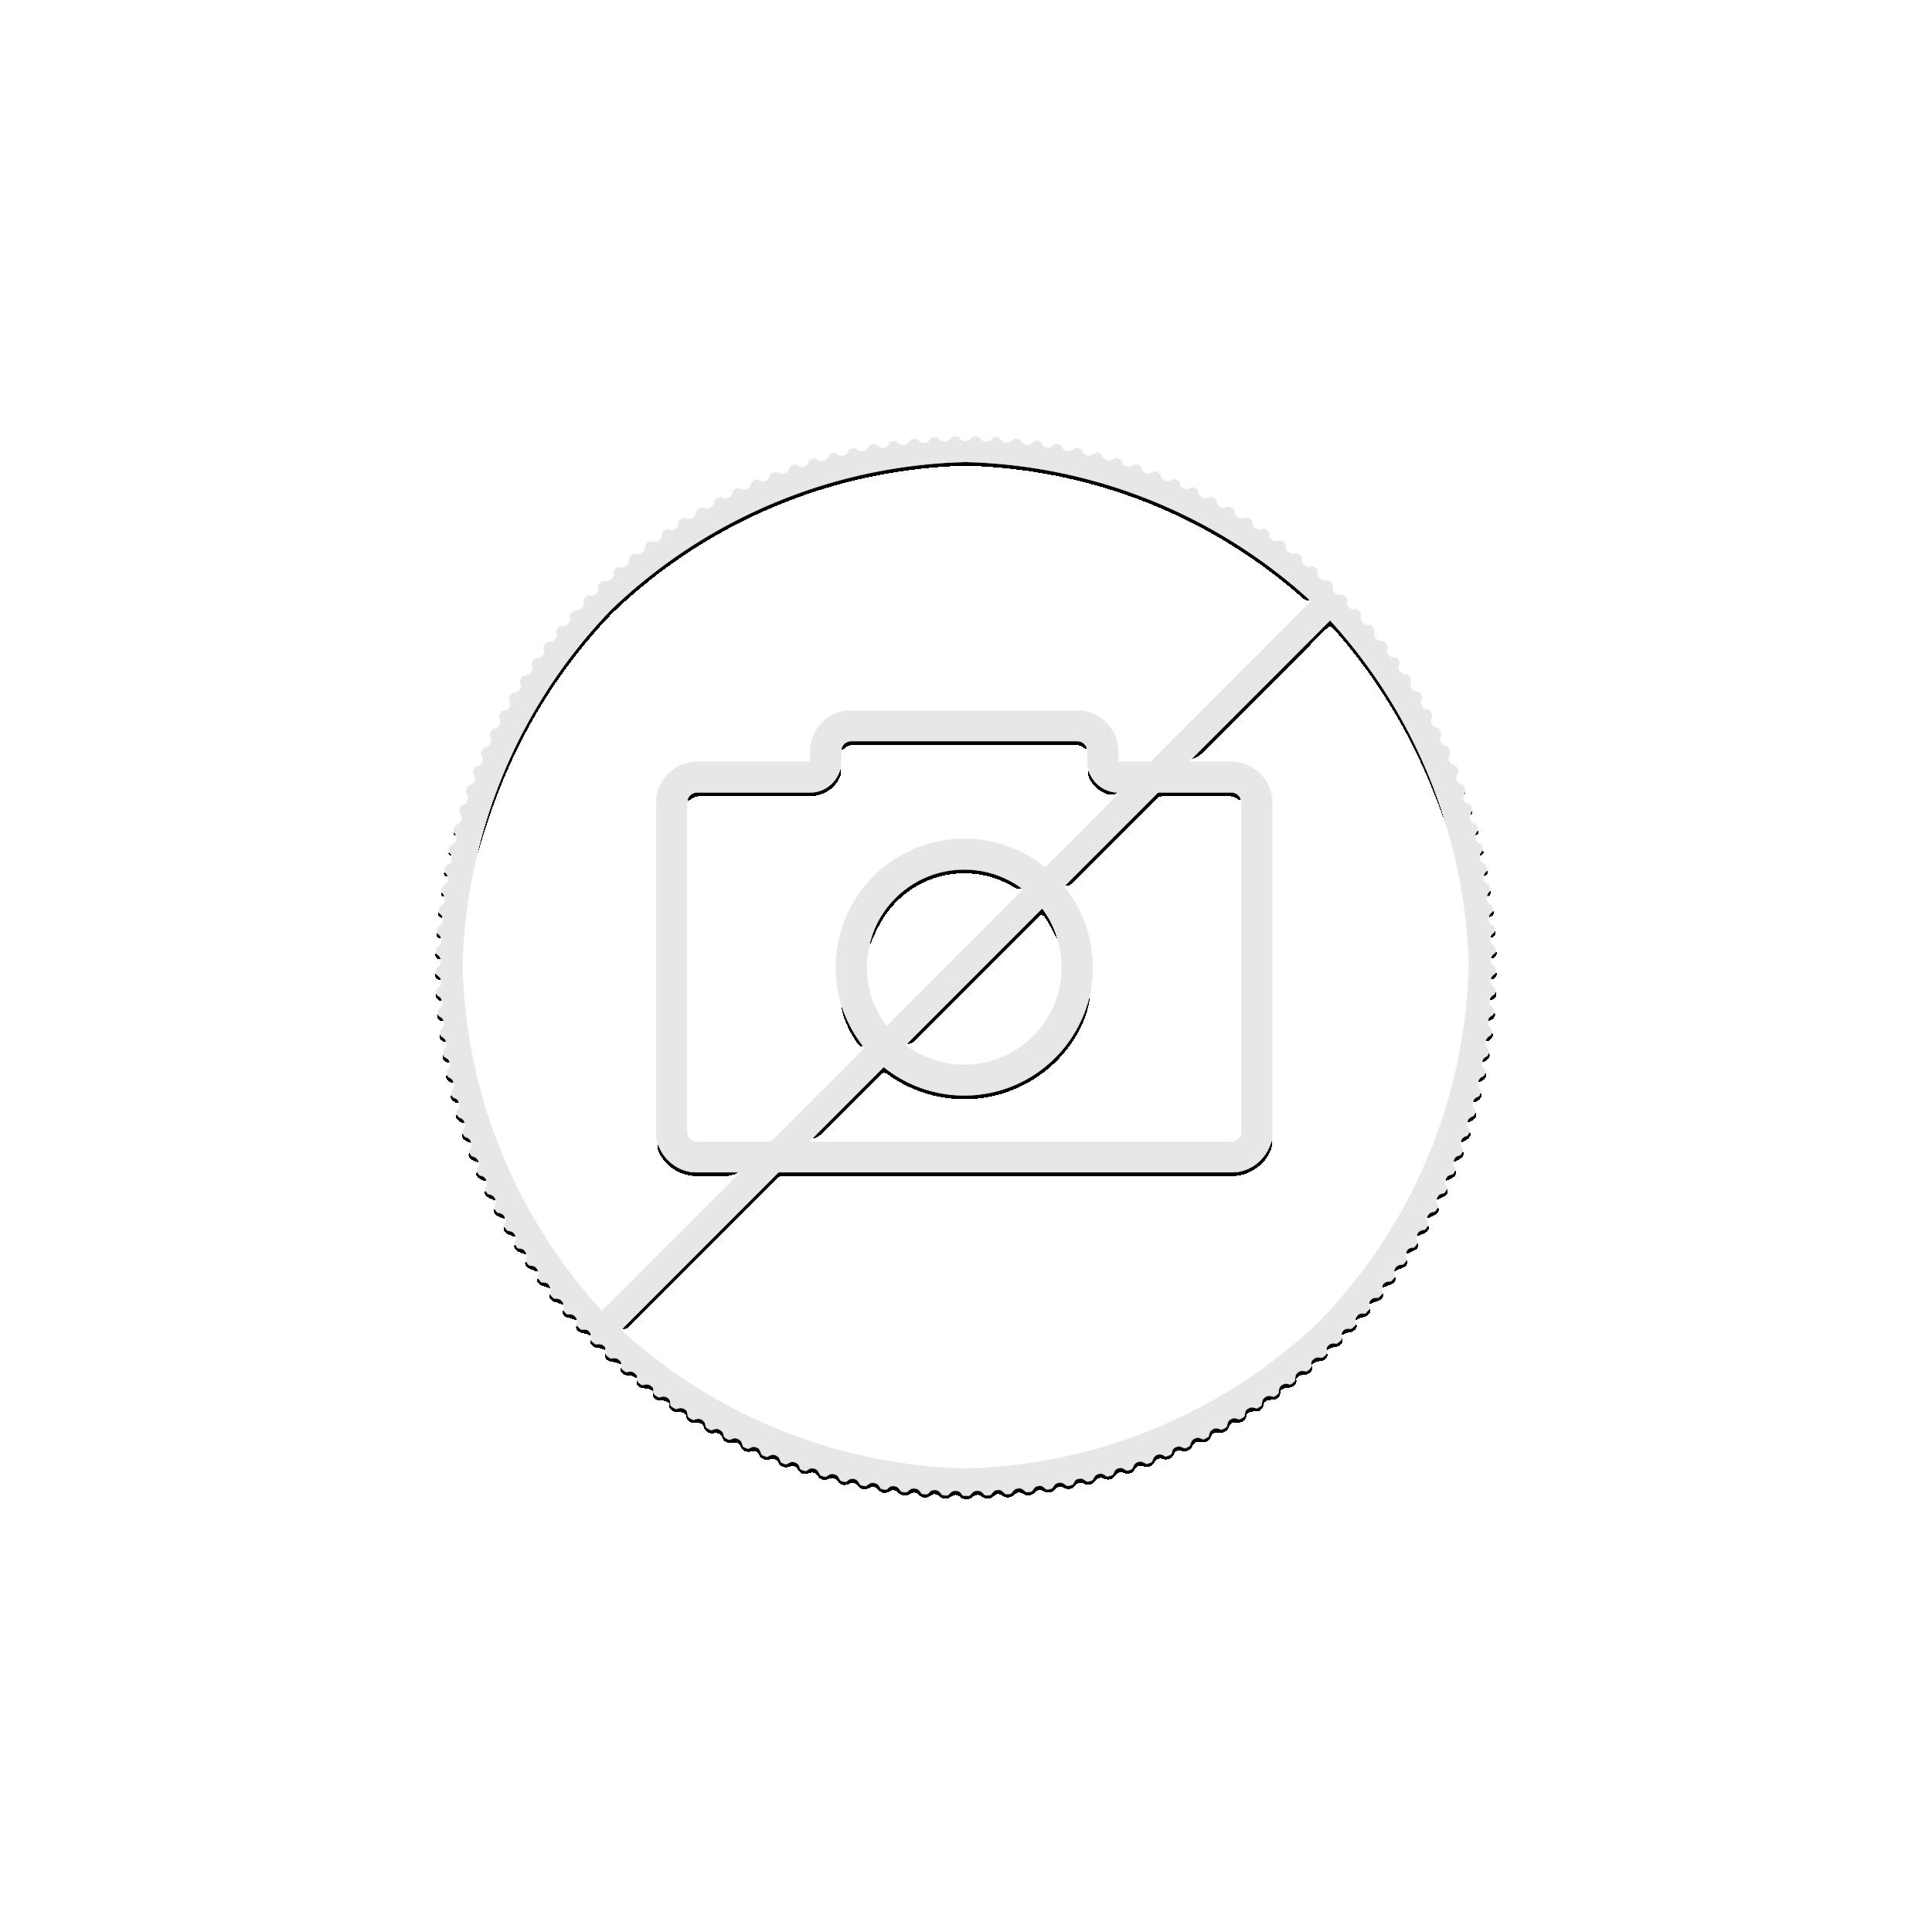 1 troy ounce zilveren Kangaroo munt  2019